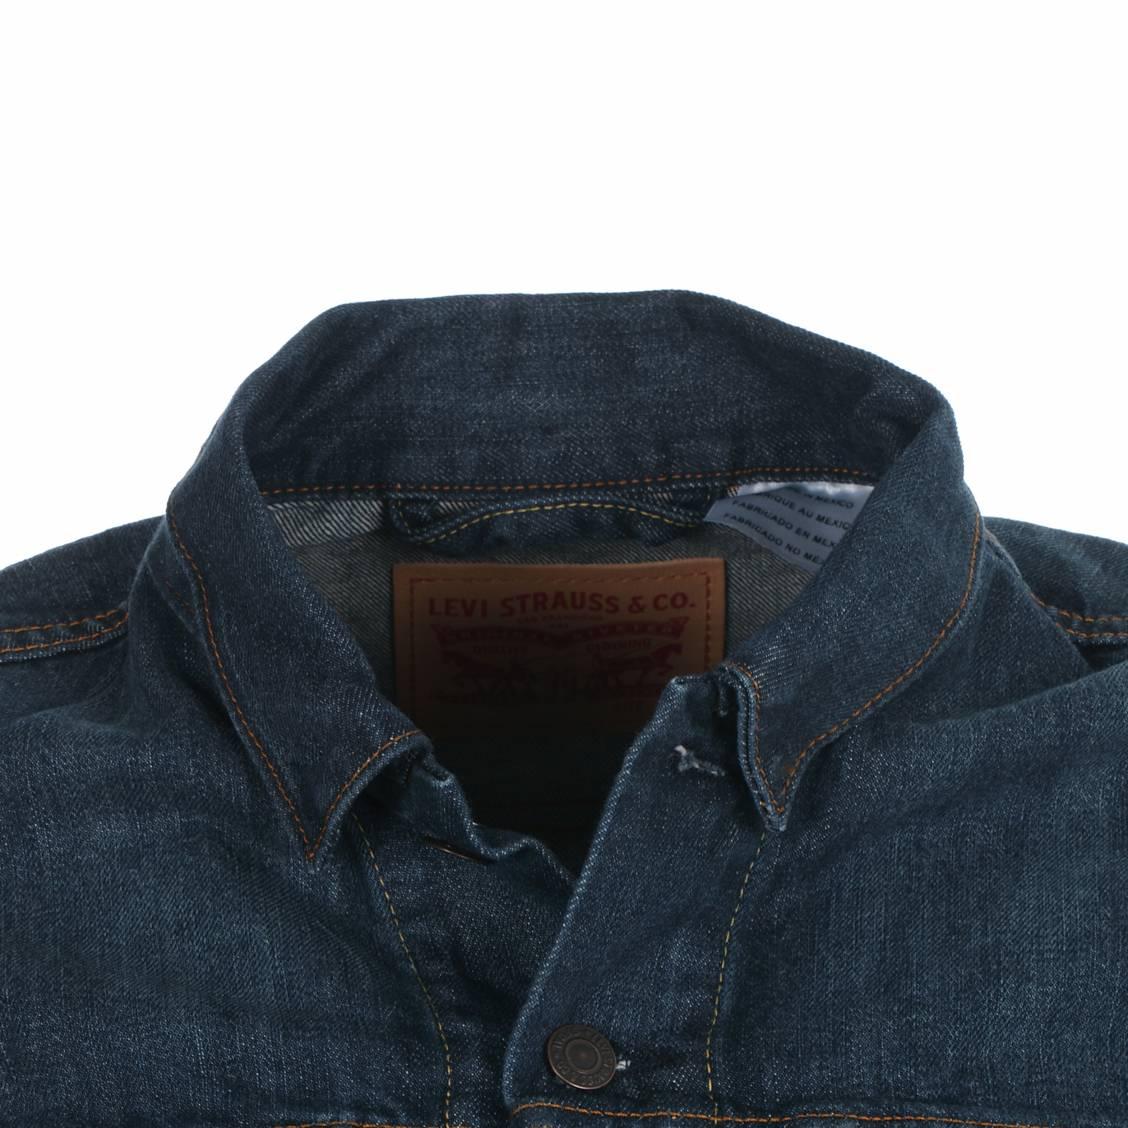 blouson homme levi's en jean bleu foncé